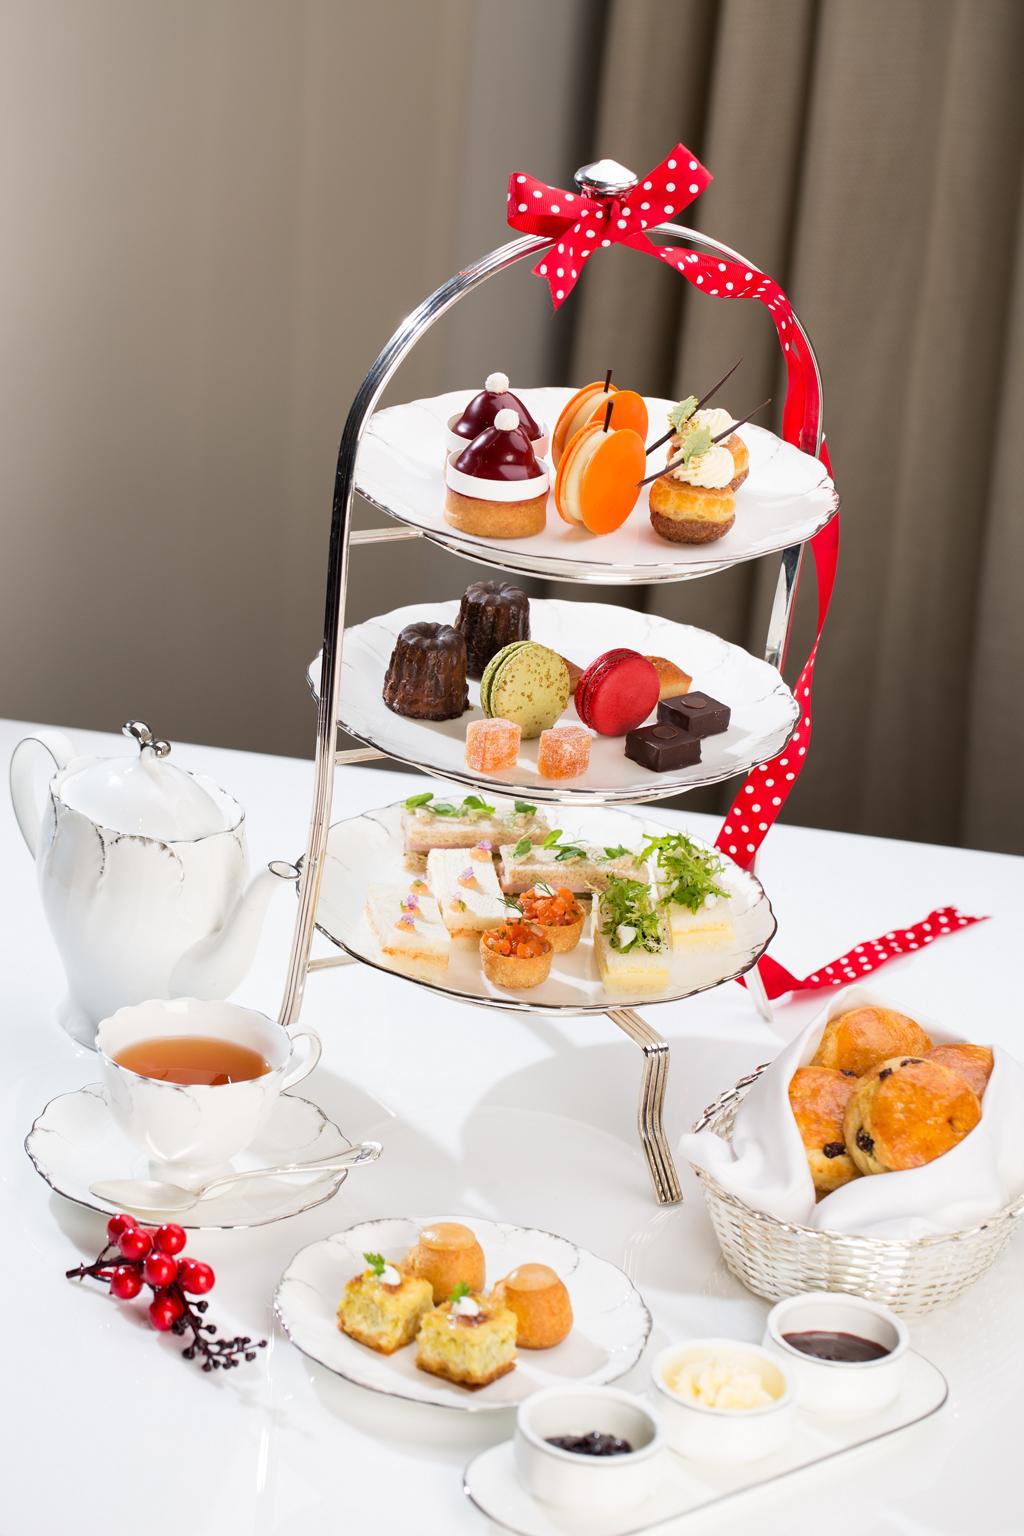 MOTPE_The Jade Lounge_Afternoon Tea Set_Large